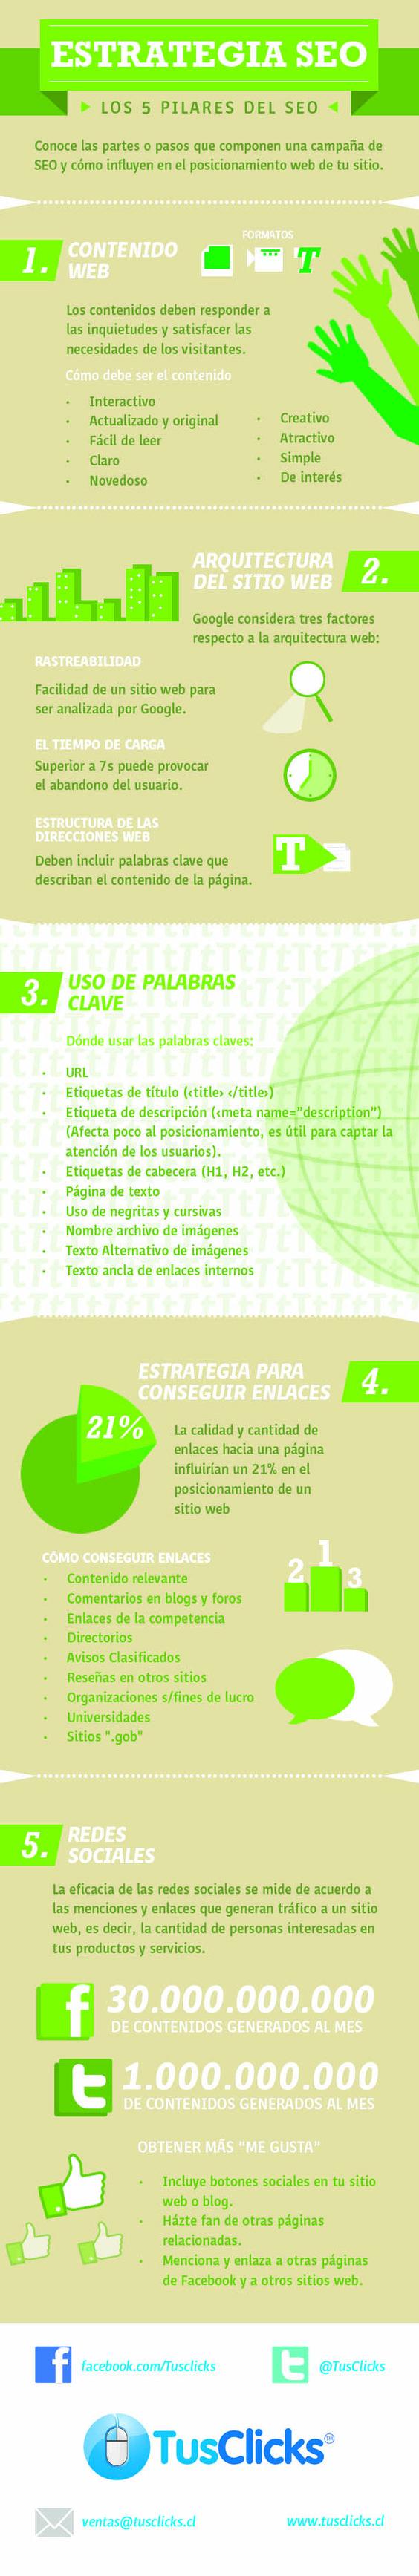 Los pilares del SEO. #Infografía en español.